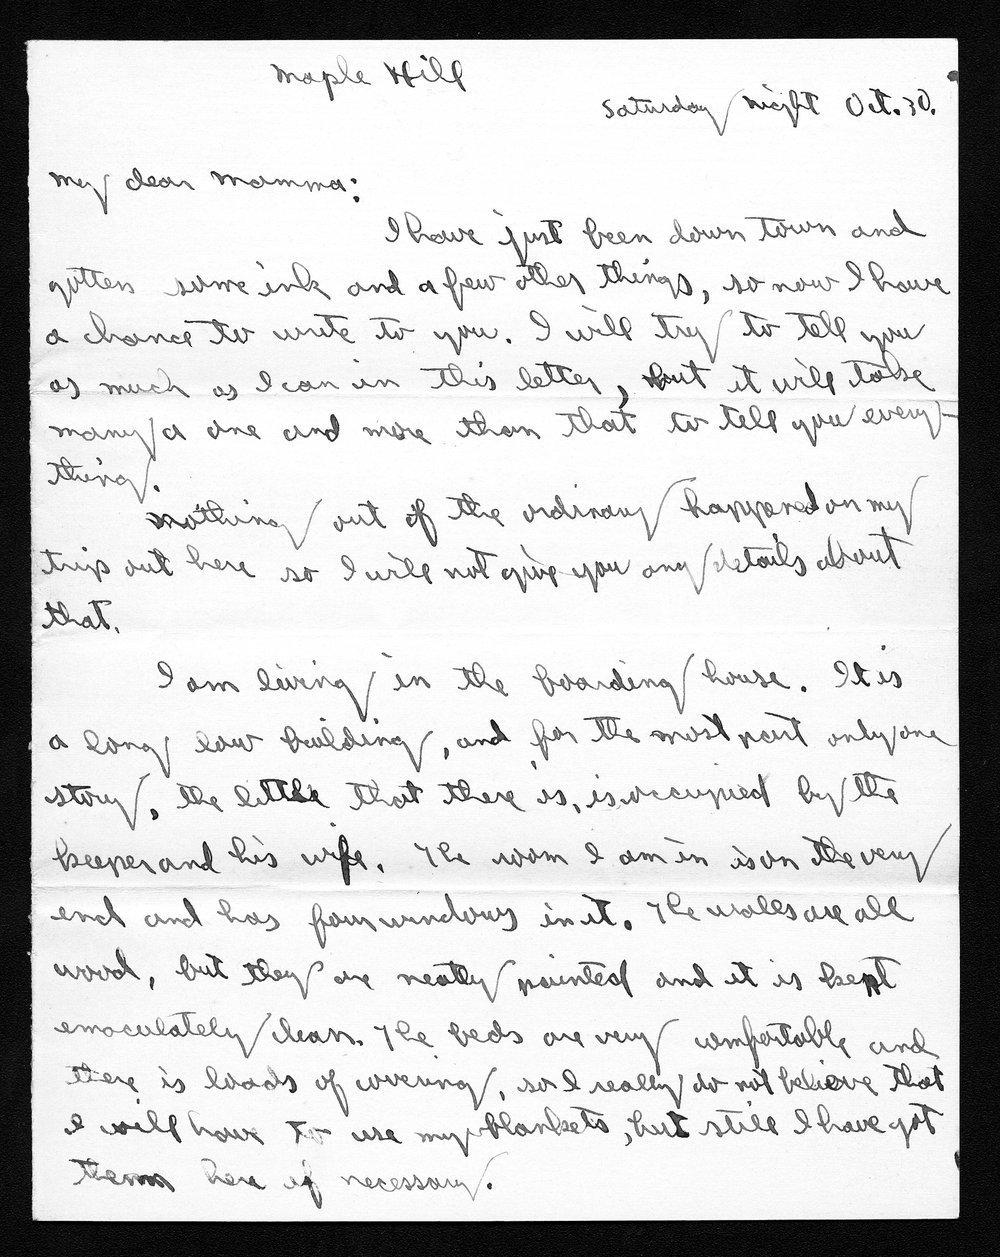 Harry Fine correspondence - 9